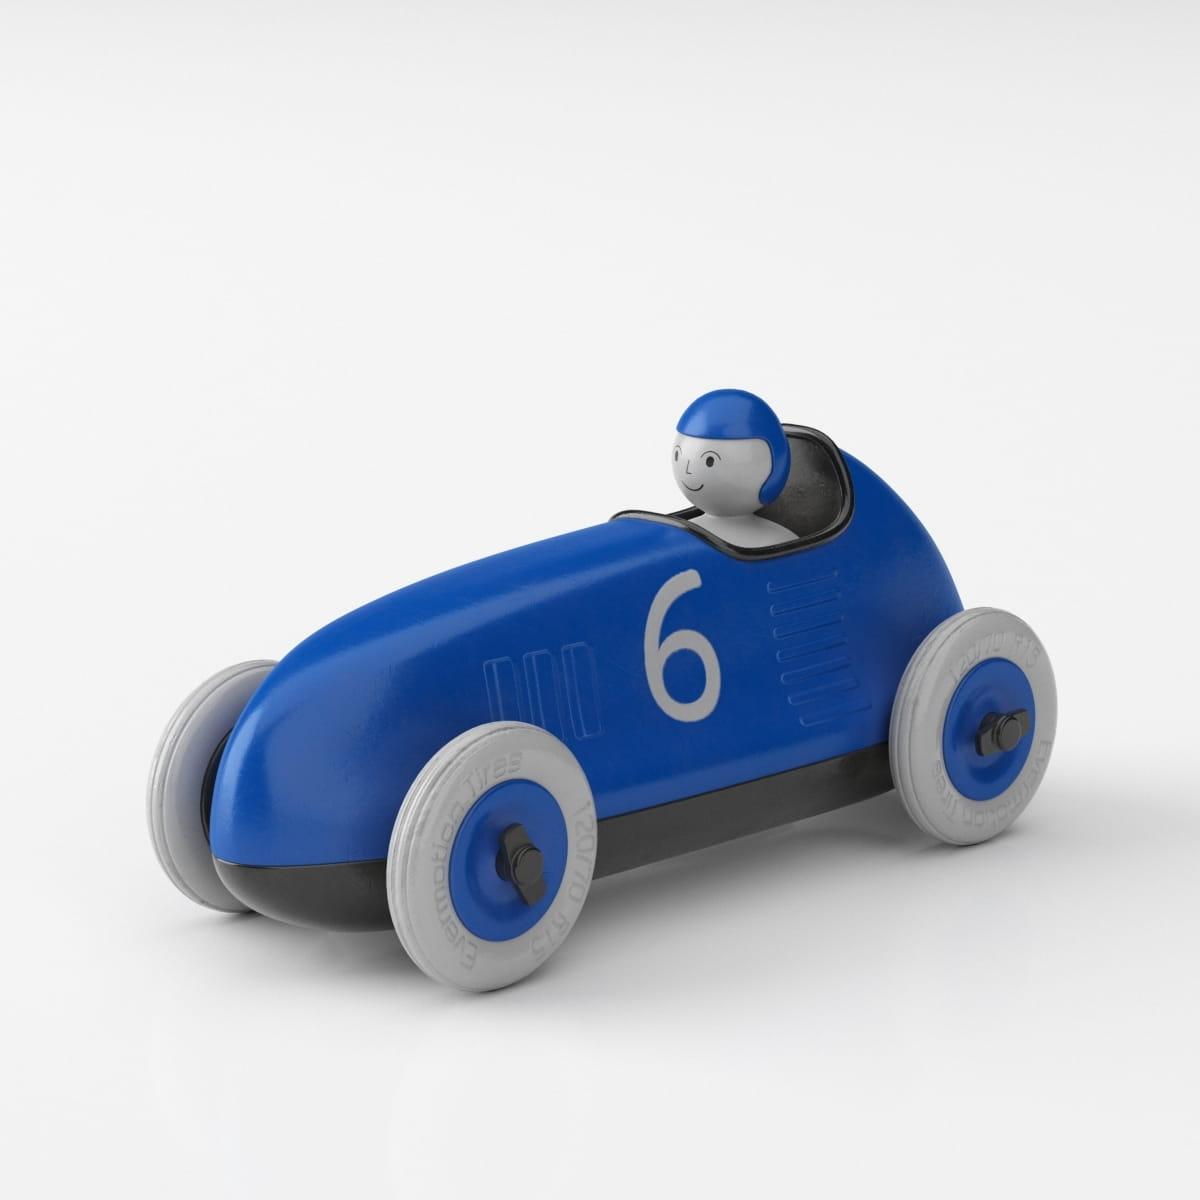 toy 40 AM232 Archmodels